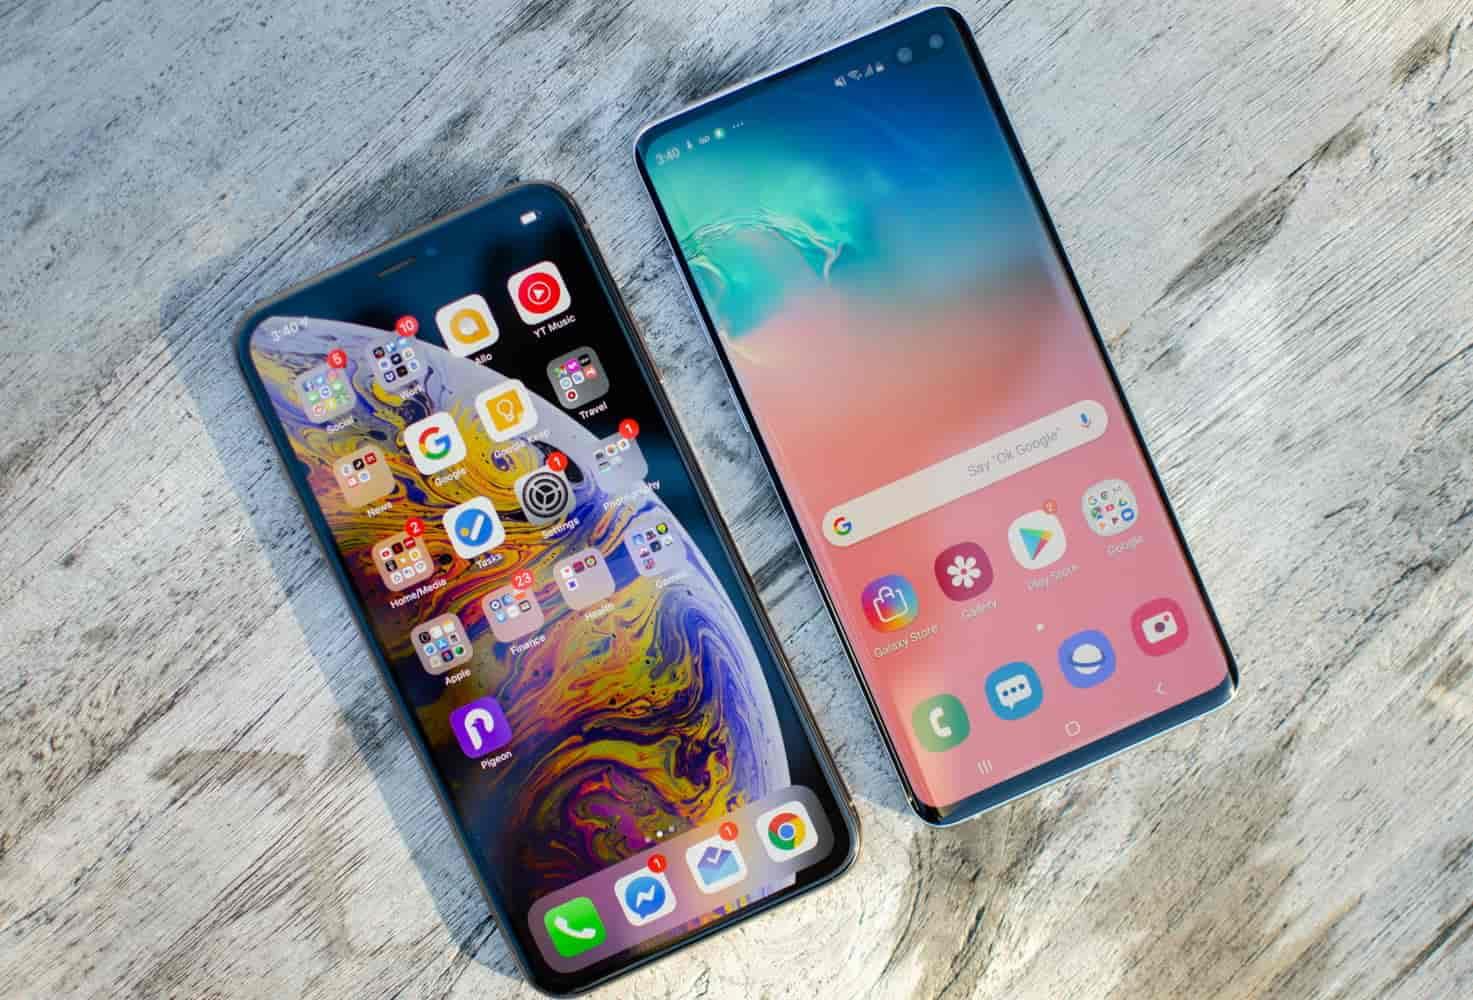 Đây là smartphone sẽ khiến bạn bỏ ngay tiền thưởng Tết để mua thay vì iPhone XS Max - 1